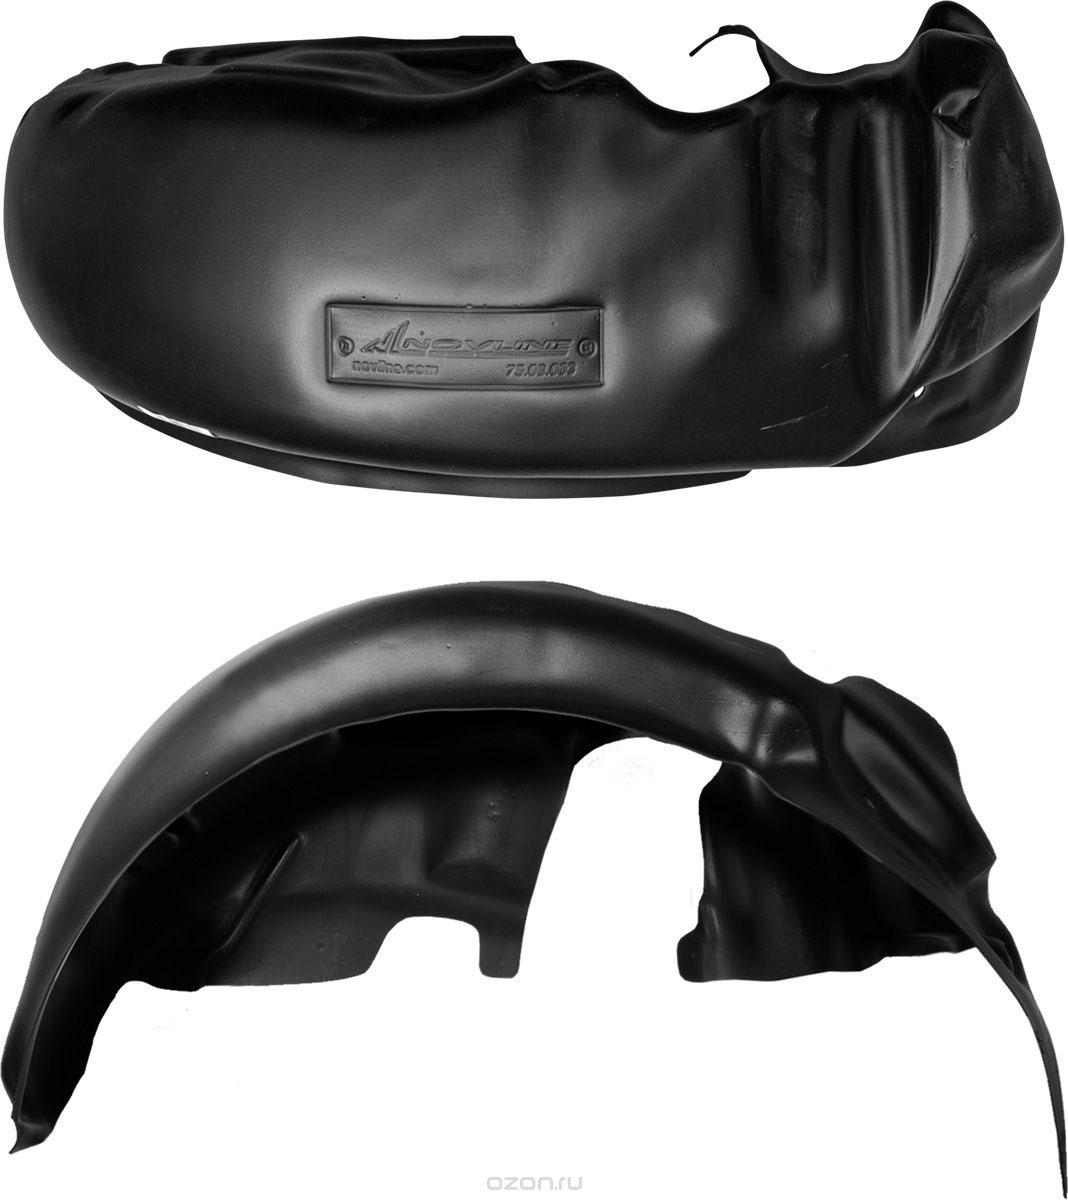 Подкрылок Novline-Autofamily, для Renault Duster 4x2, 05/2015->, задний левыйNLL.41.42.003Идеальная защита колесной ниши. Локеры разработаны с применением цифровых технологий, гарантируют максимальную повторяемость поверхности арки. Изделия устанавливаются без нарушения лакокрасочного покрытия автомобиля, каждый подкрылок комплектуется крепежом. Уважаемые клиенты, обращаем ваше внимание, что фотографии на подкрылки универсальные и не отражают реальную форму изделия. При этом само изделие идет точно под размер указанного автомобиля.